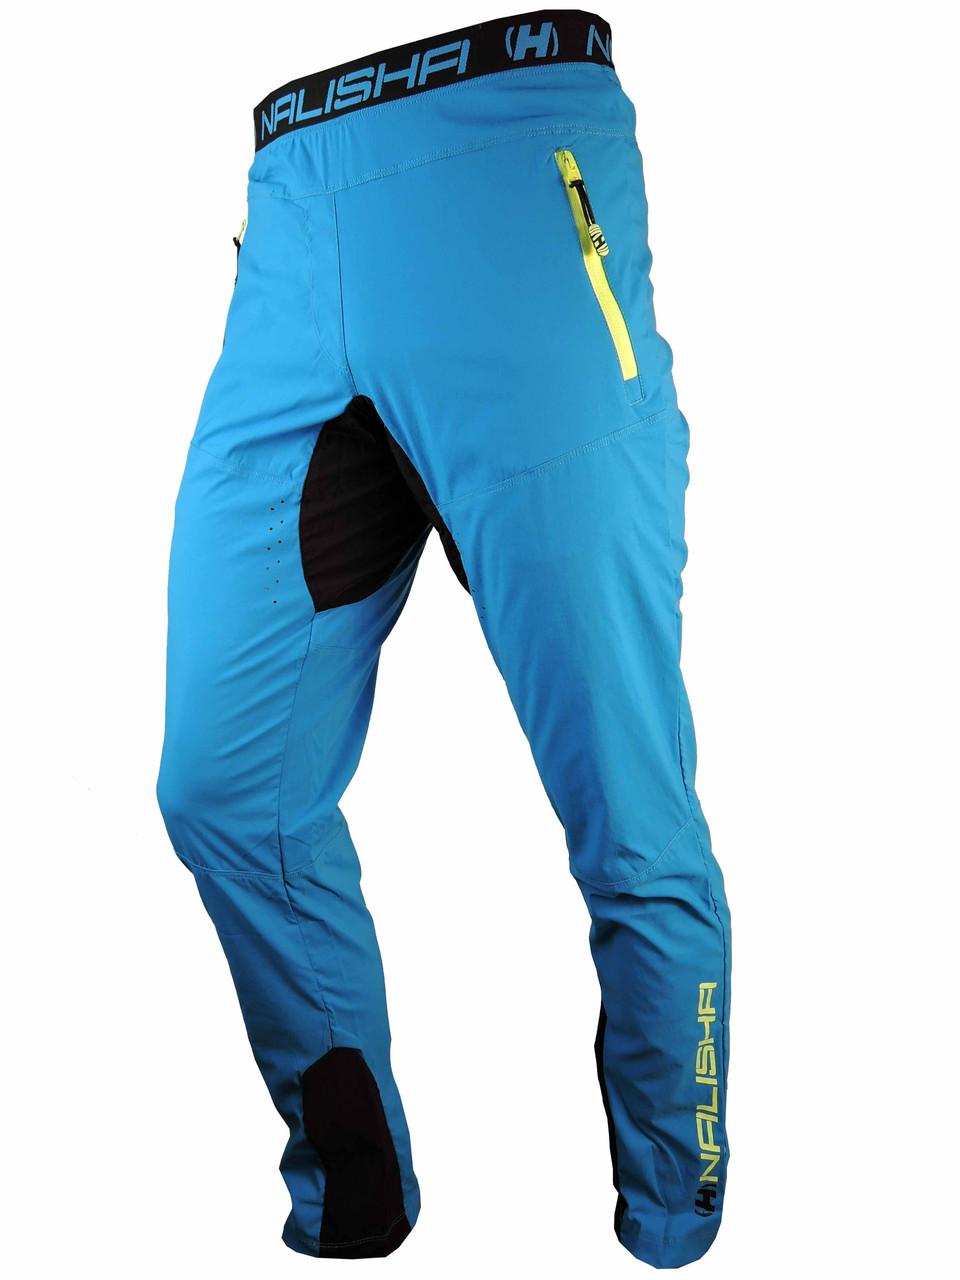 HAVEN NALISHA LONG blue/yellow - men/women